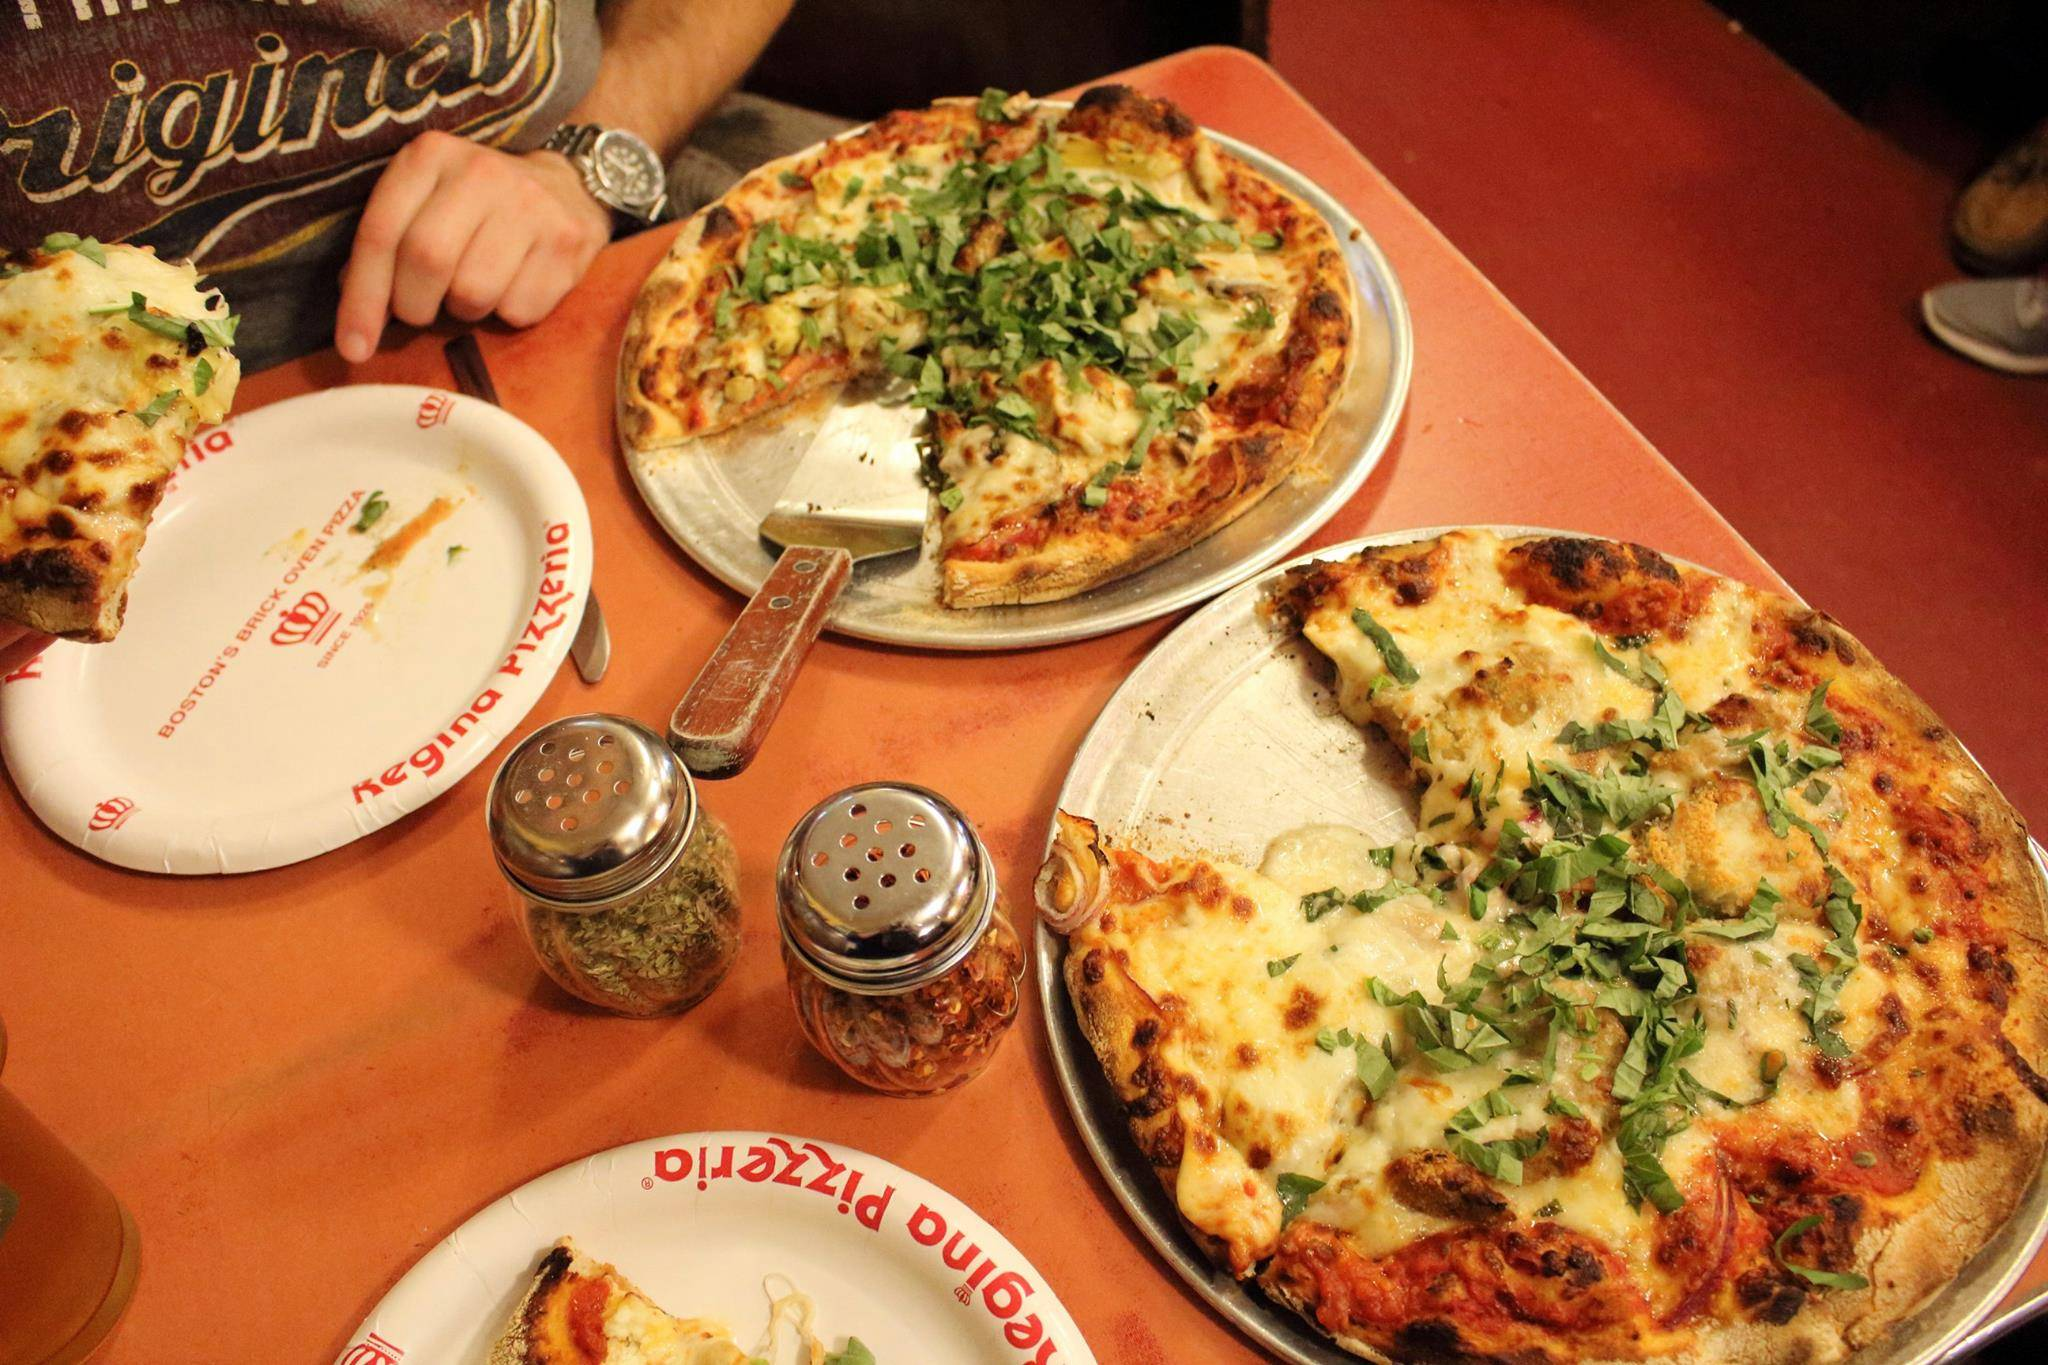 Photo 1: Pizzeria Regina